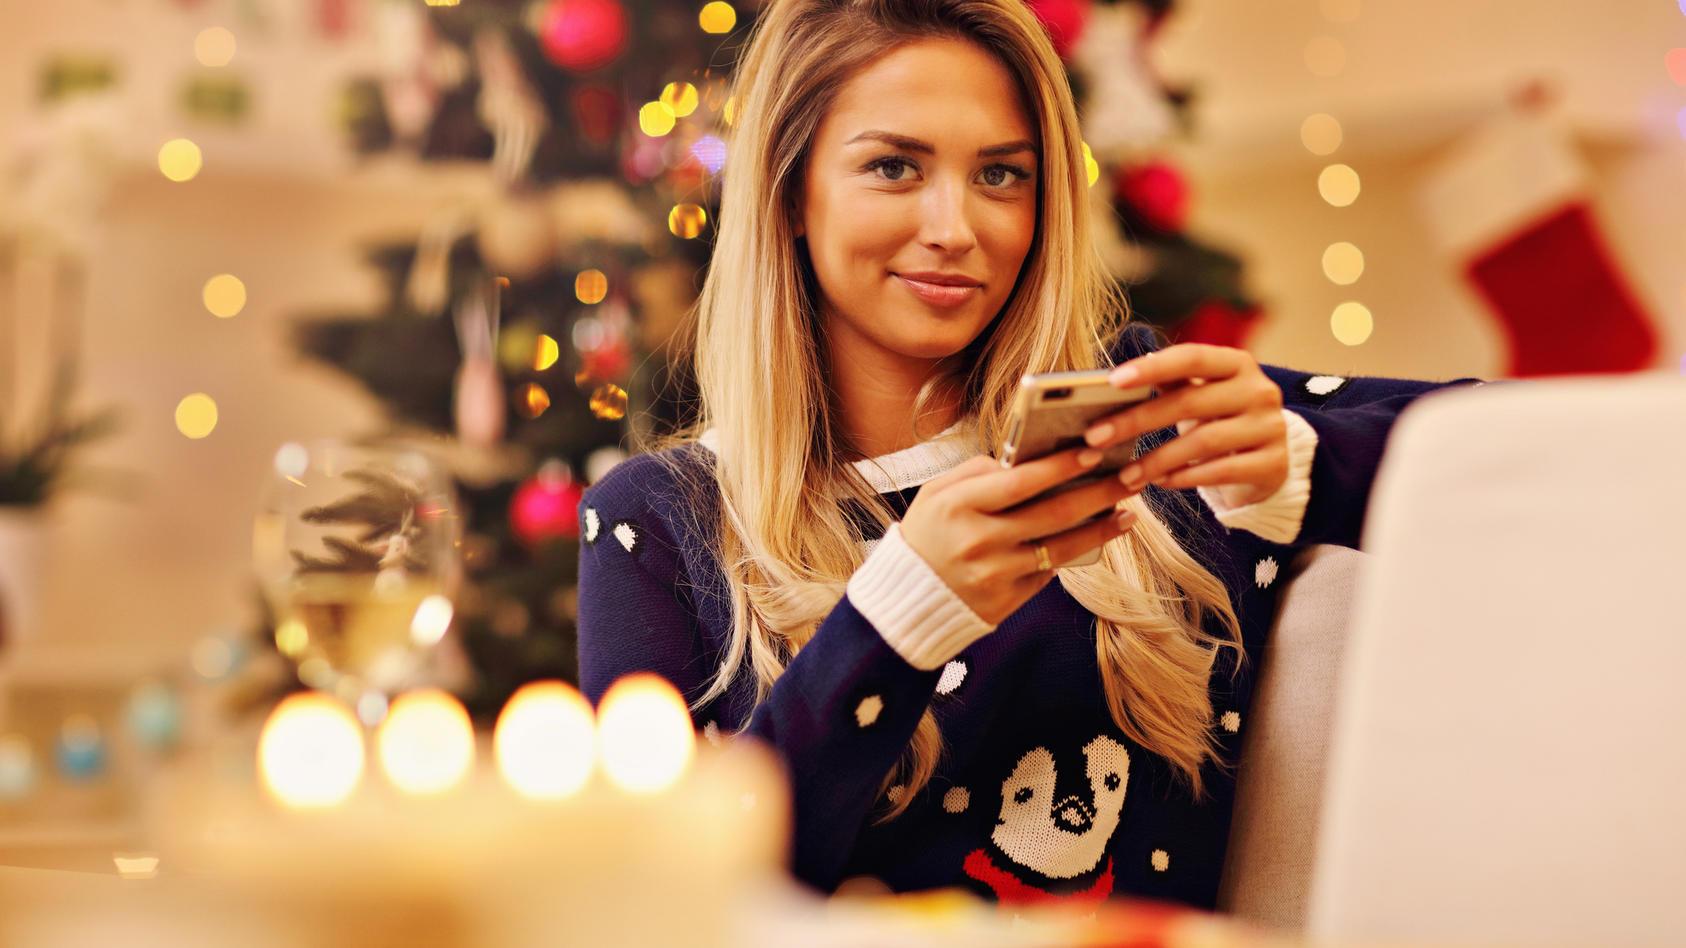 Suchen Sie Sprüche, die Sie an Weihnachten verschicken können?